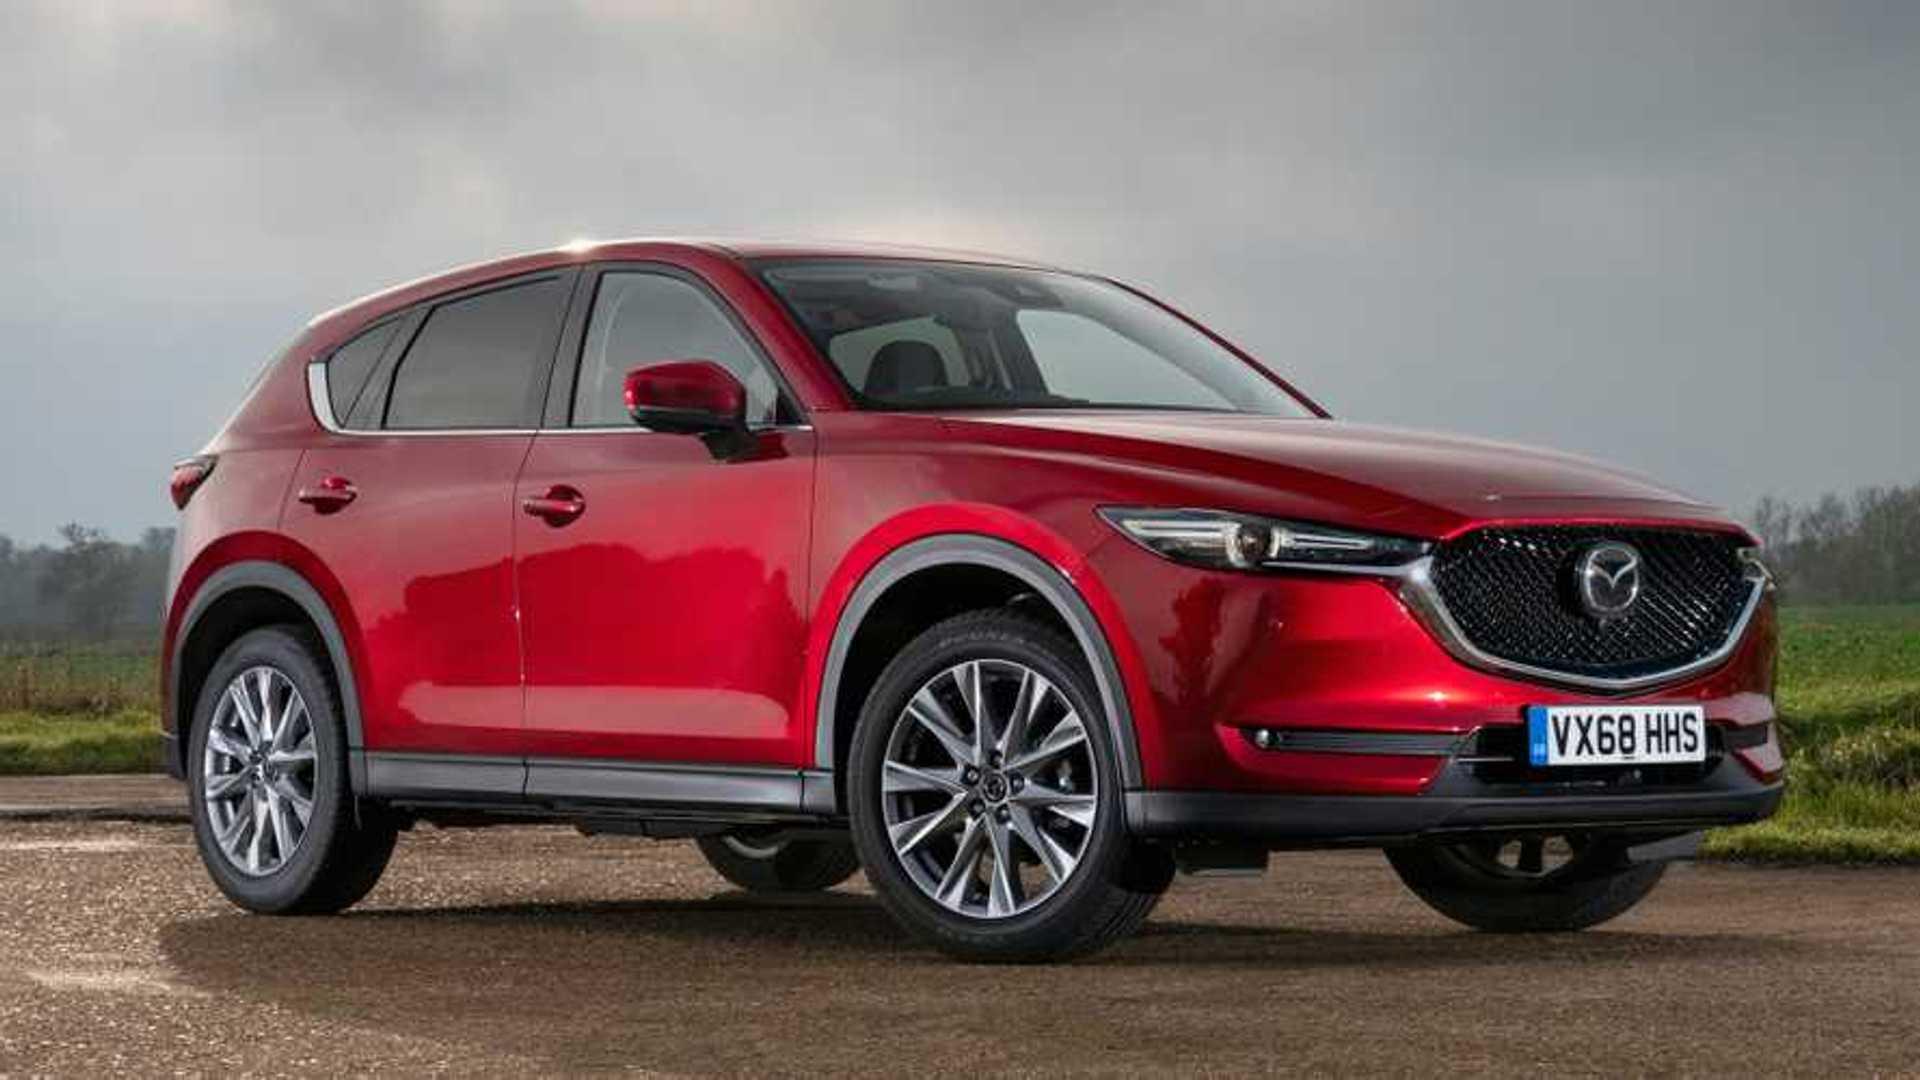 Kekurangan Mazda Cx 5 Top Model Tahun Ini